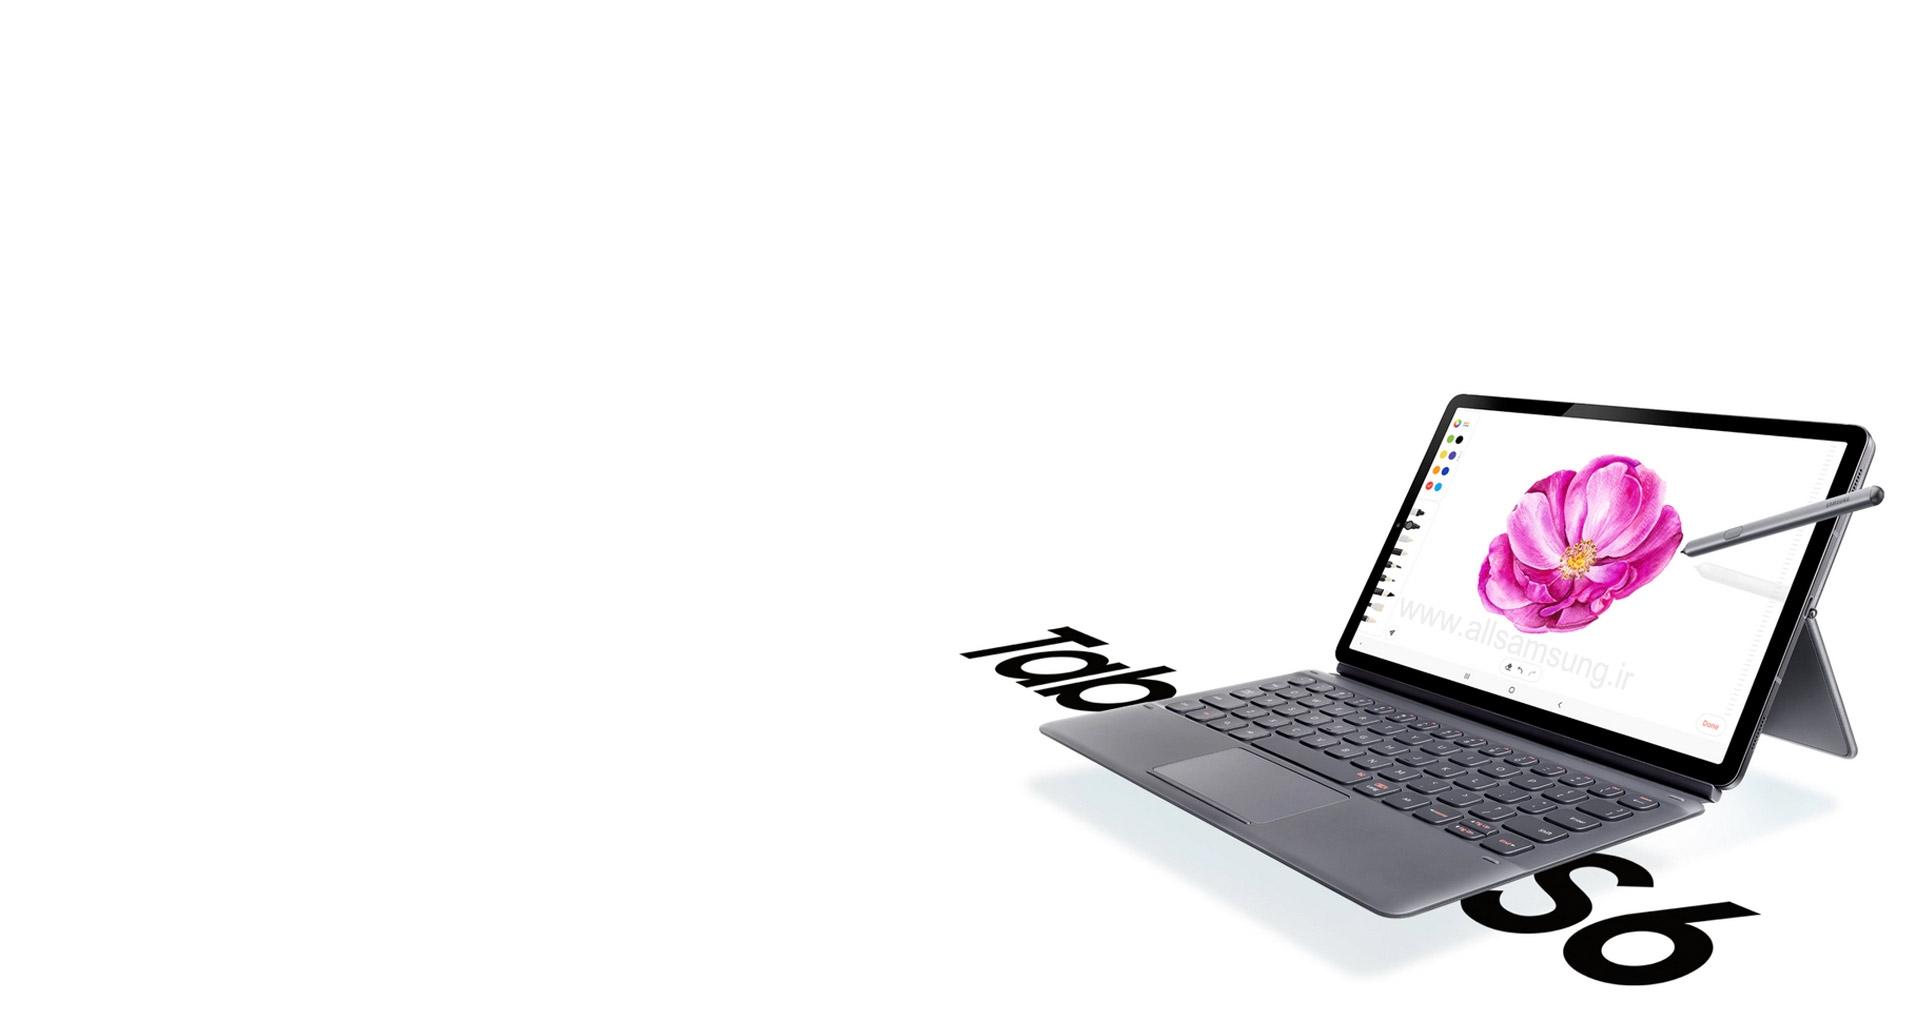 خلاقیت بدون مرز با تبلت سامسونگ تب S6